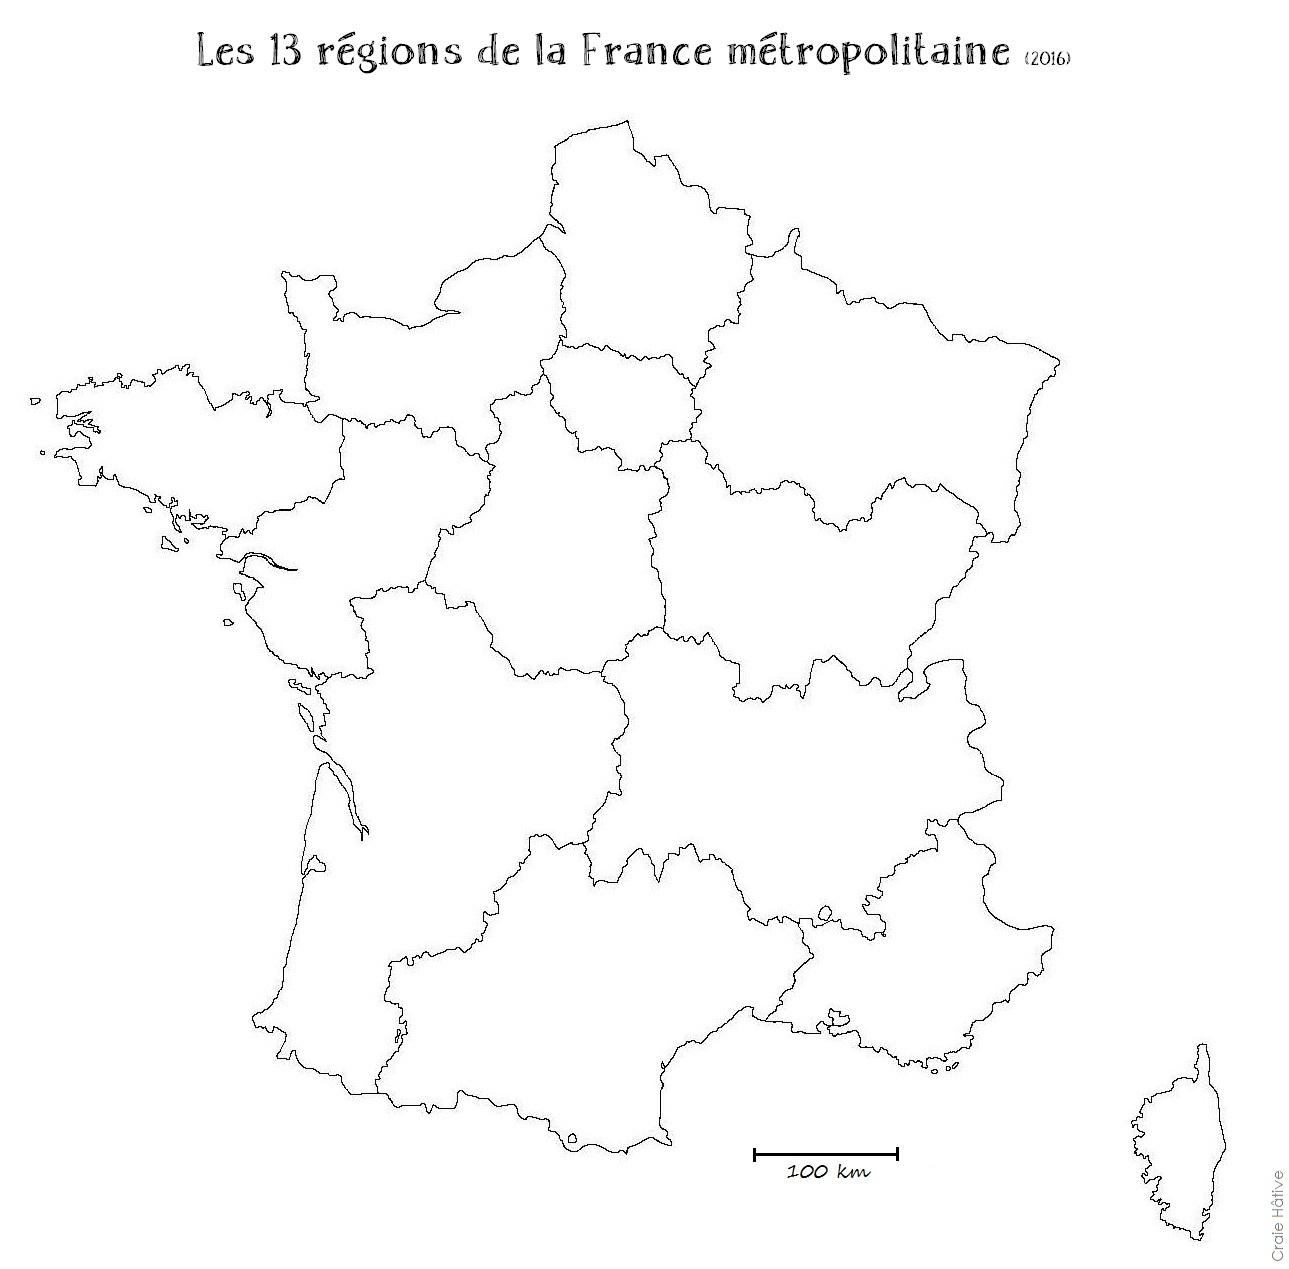 Cartes Des Régions De La France Métropolitaine - 2016 à Carte Des 13 Régions